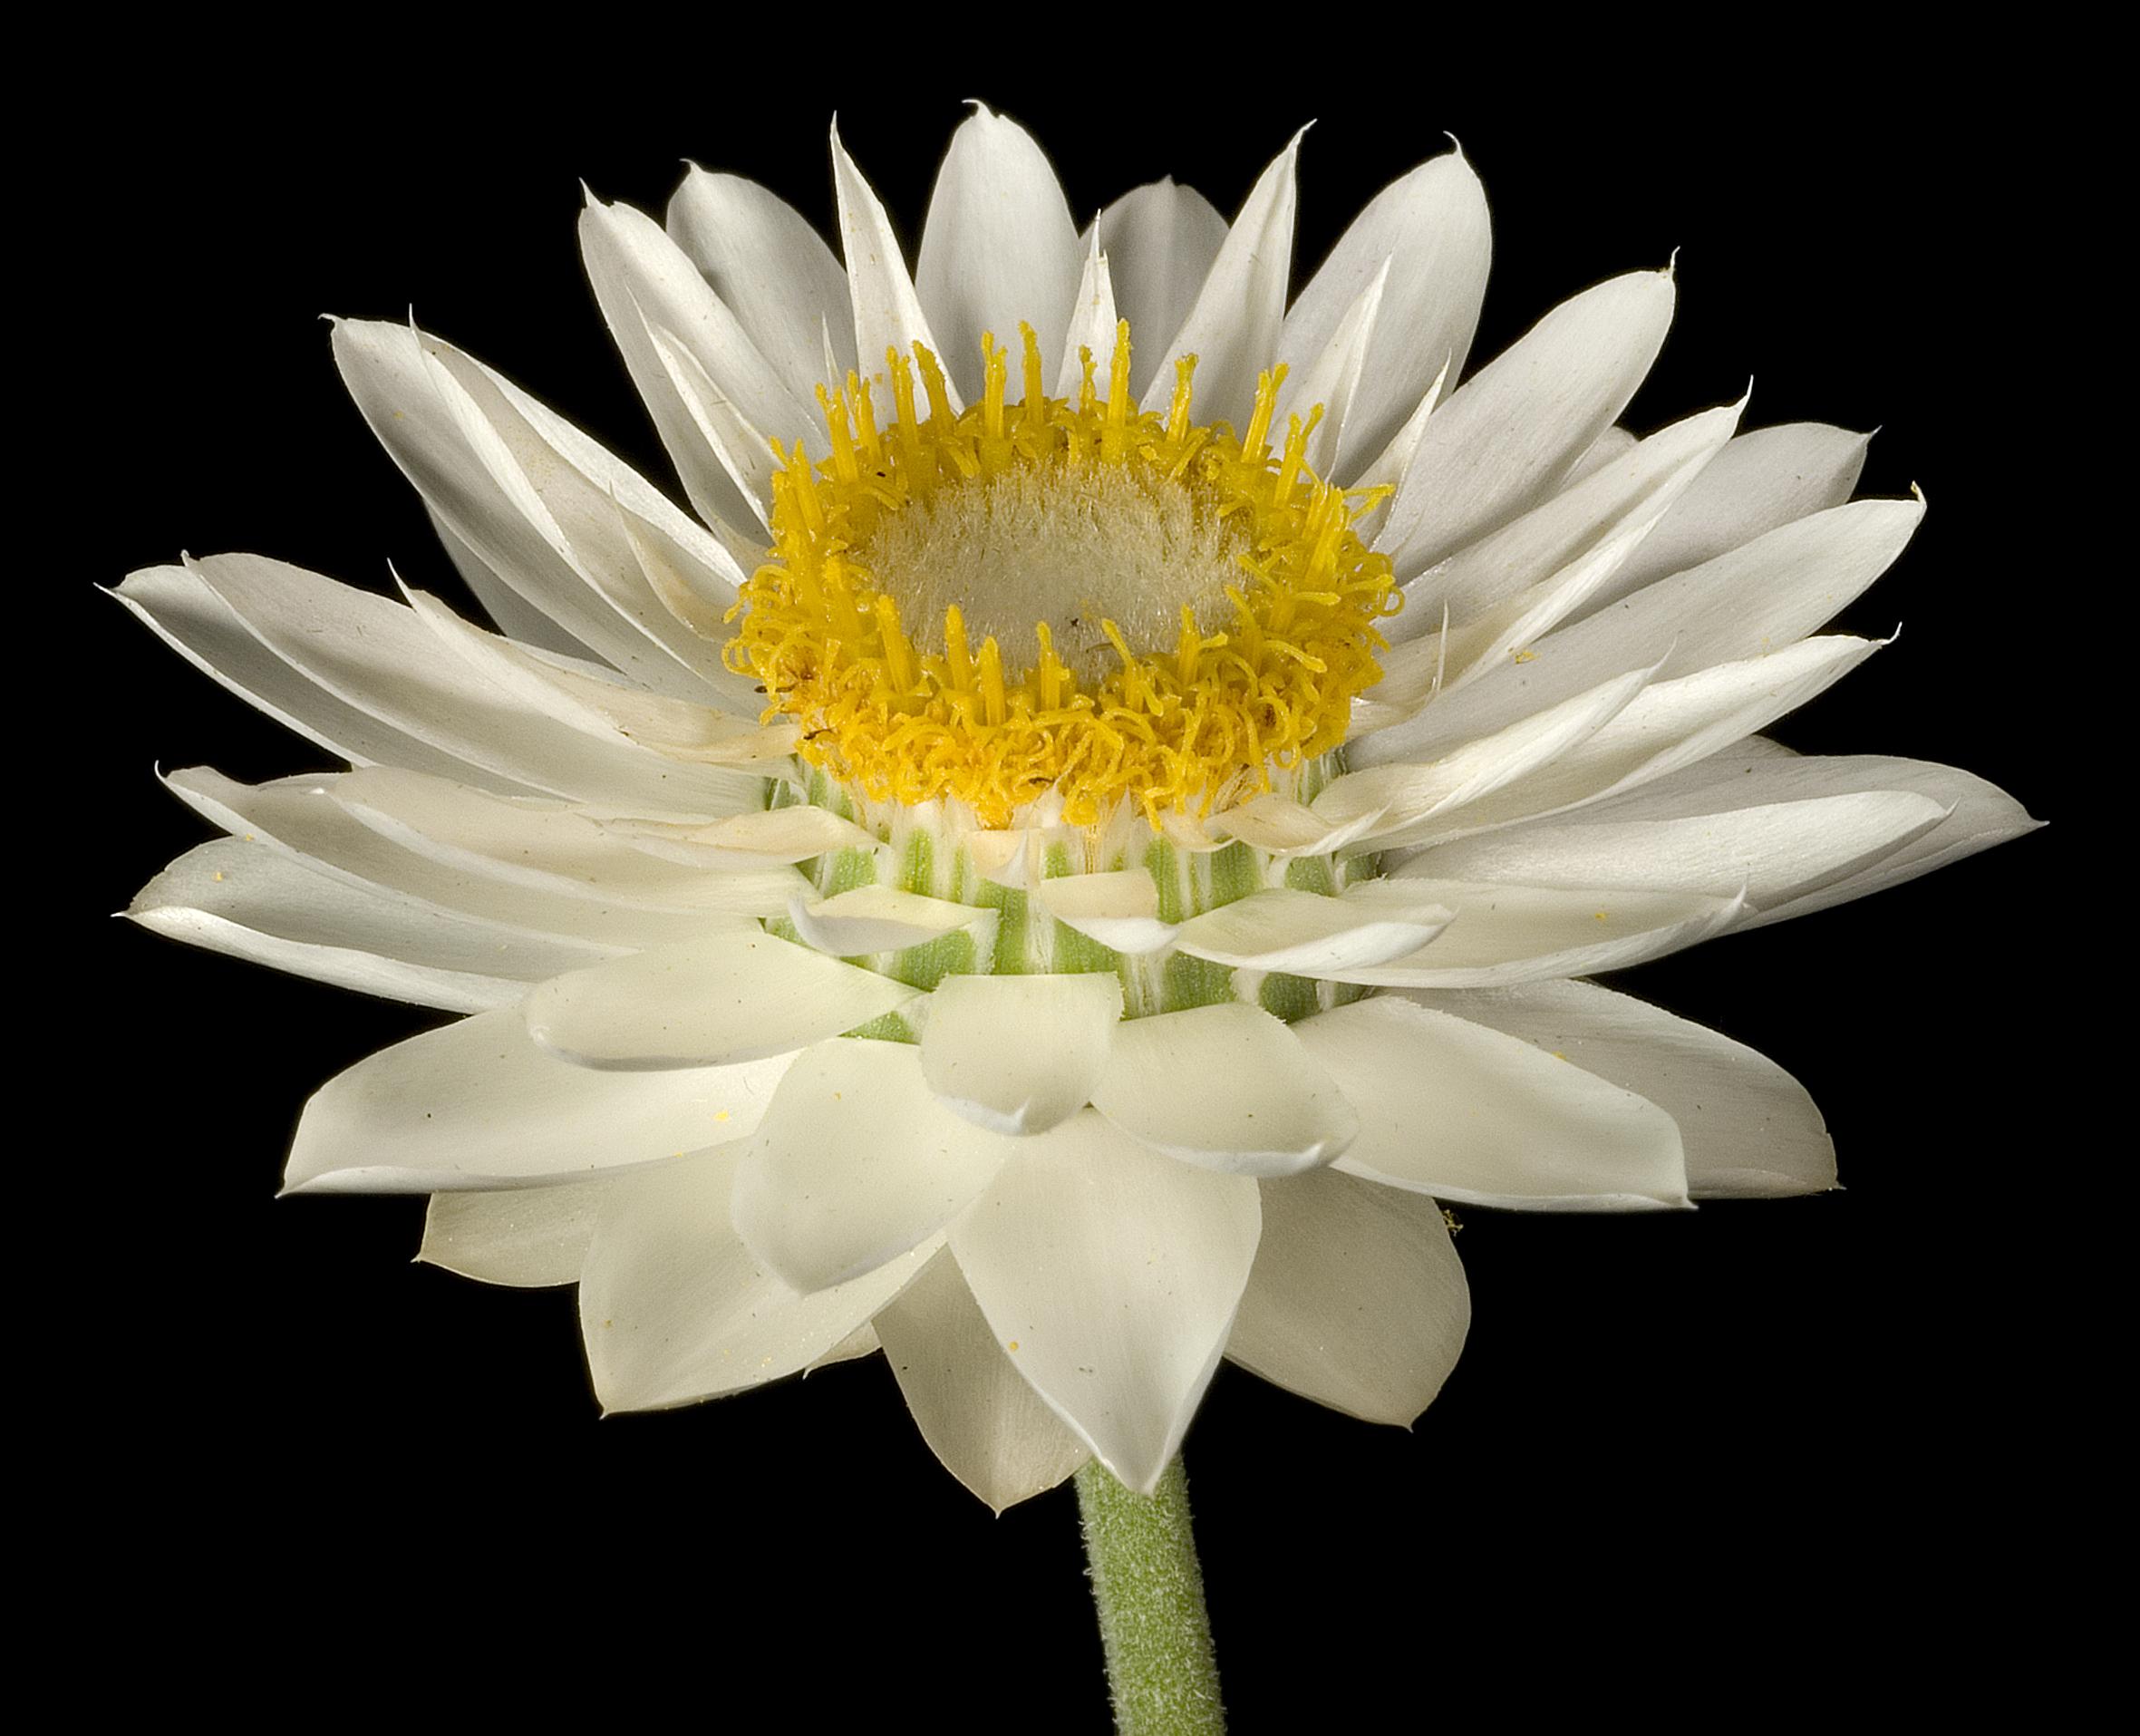 Ảnh hoa bất tử màu trắng nở đẹp nhất